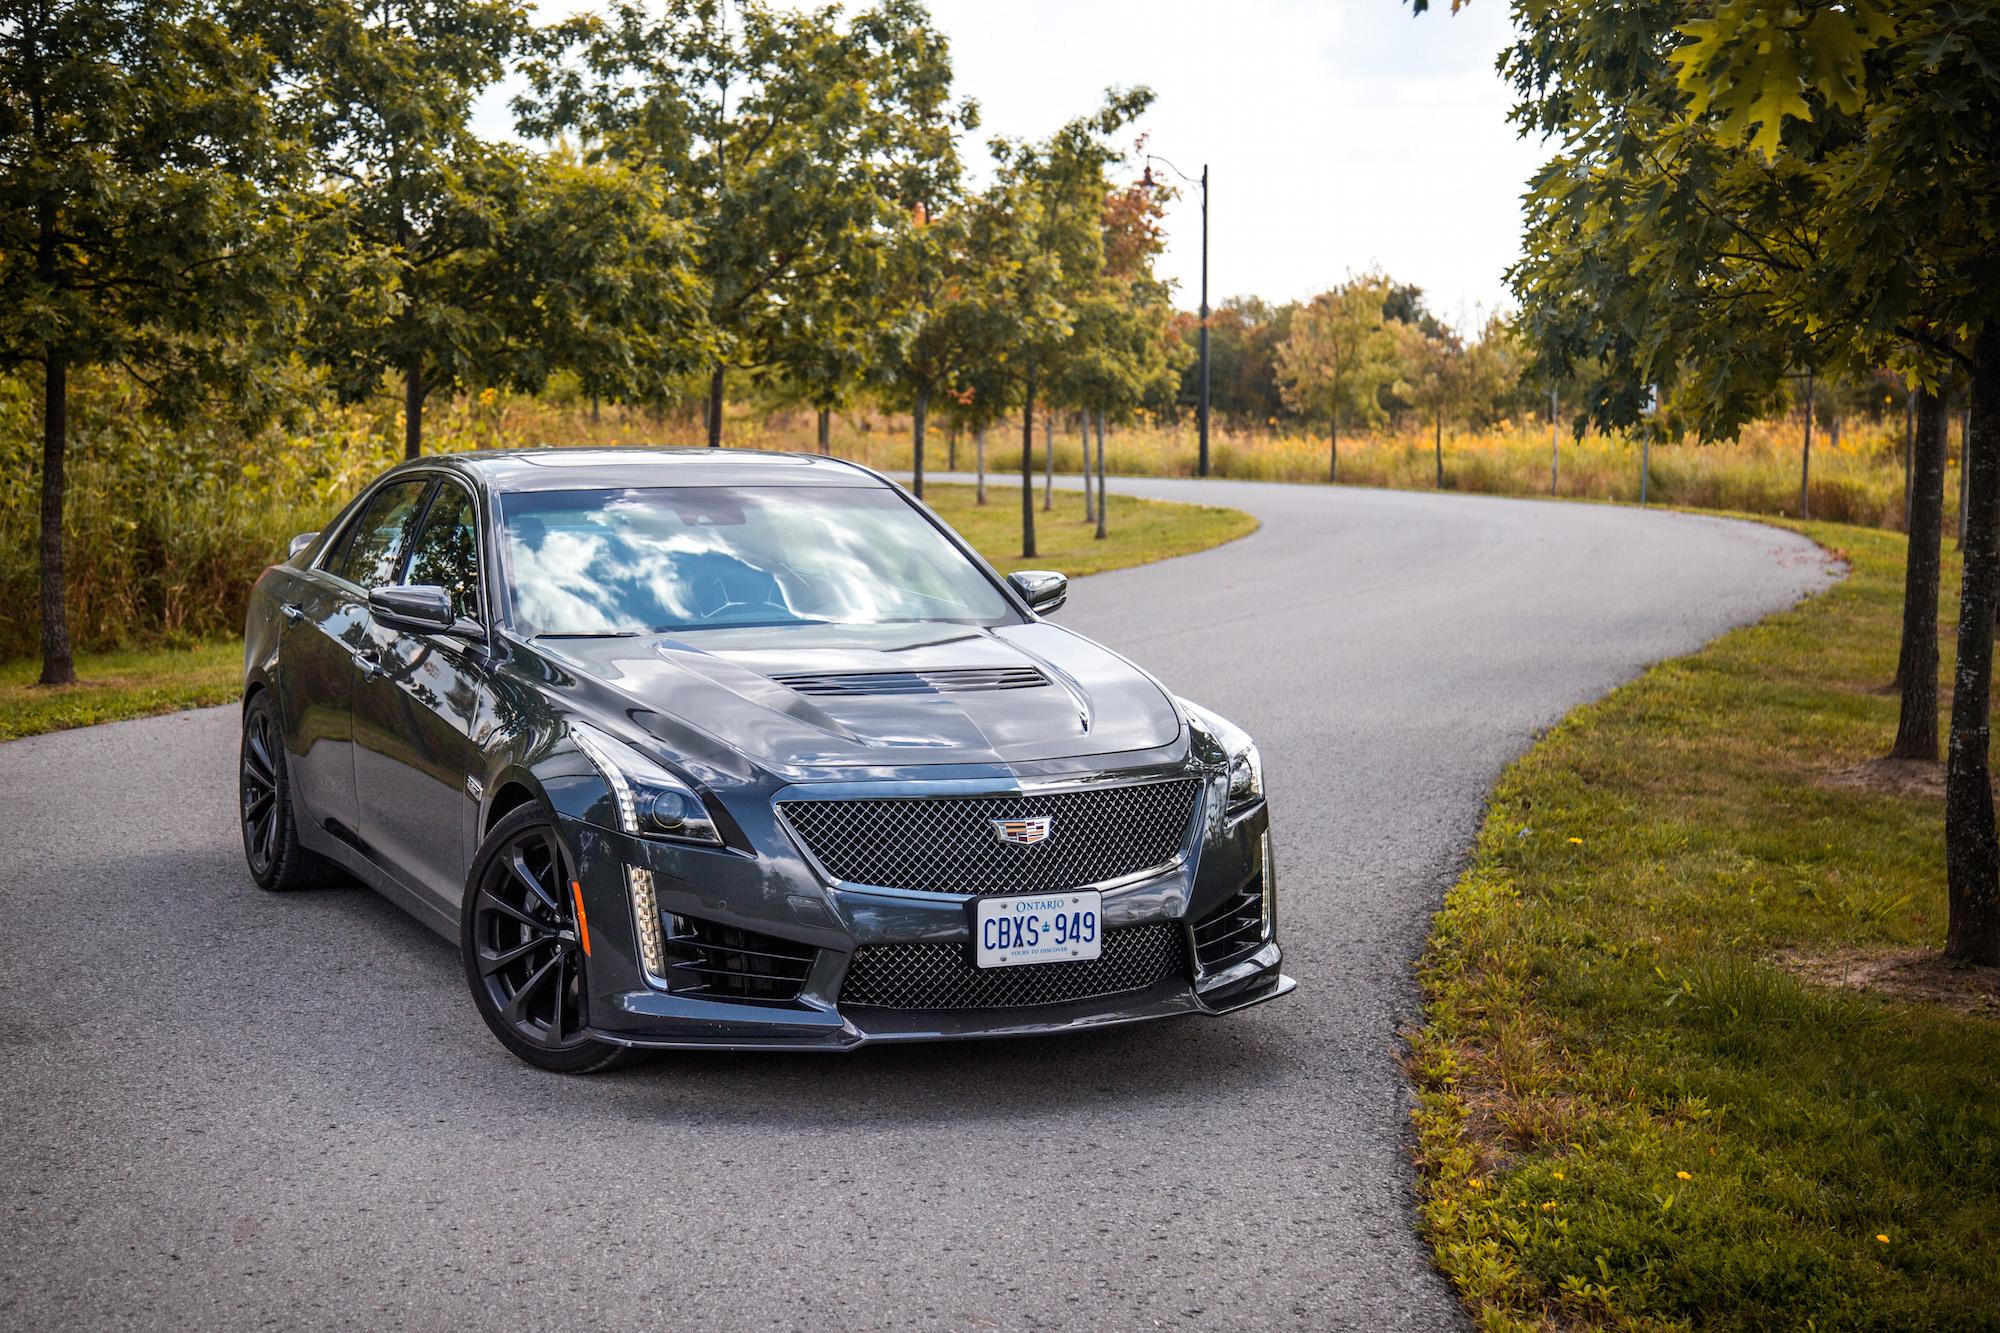 Review: 2017 Cadillac CTS-V